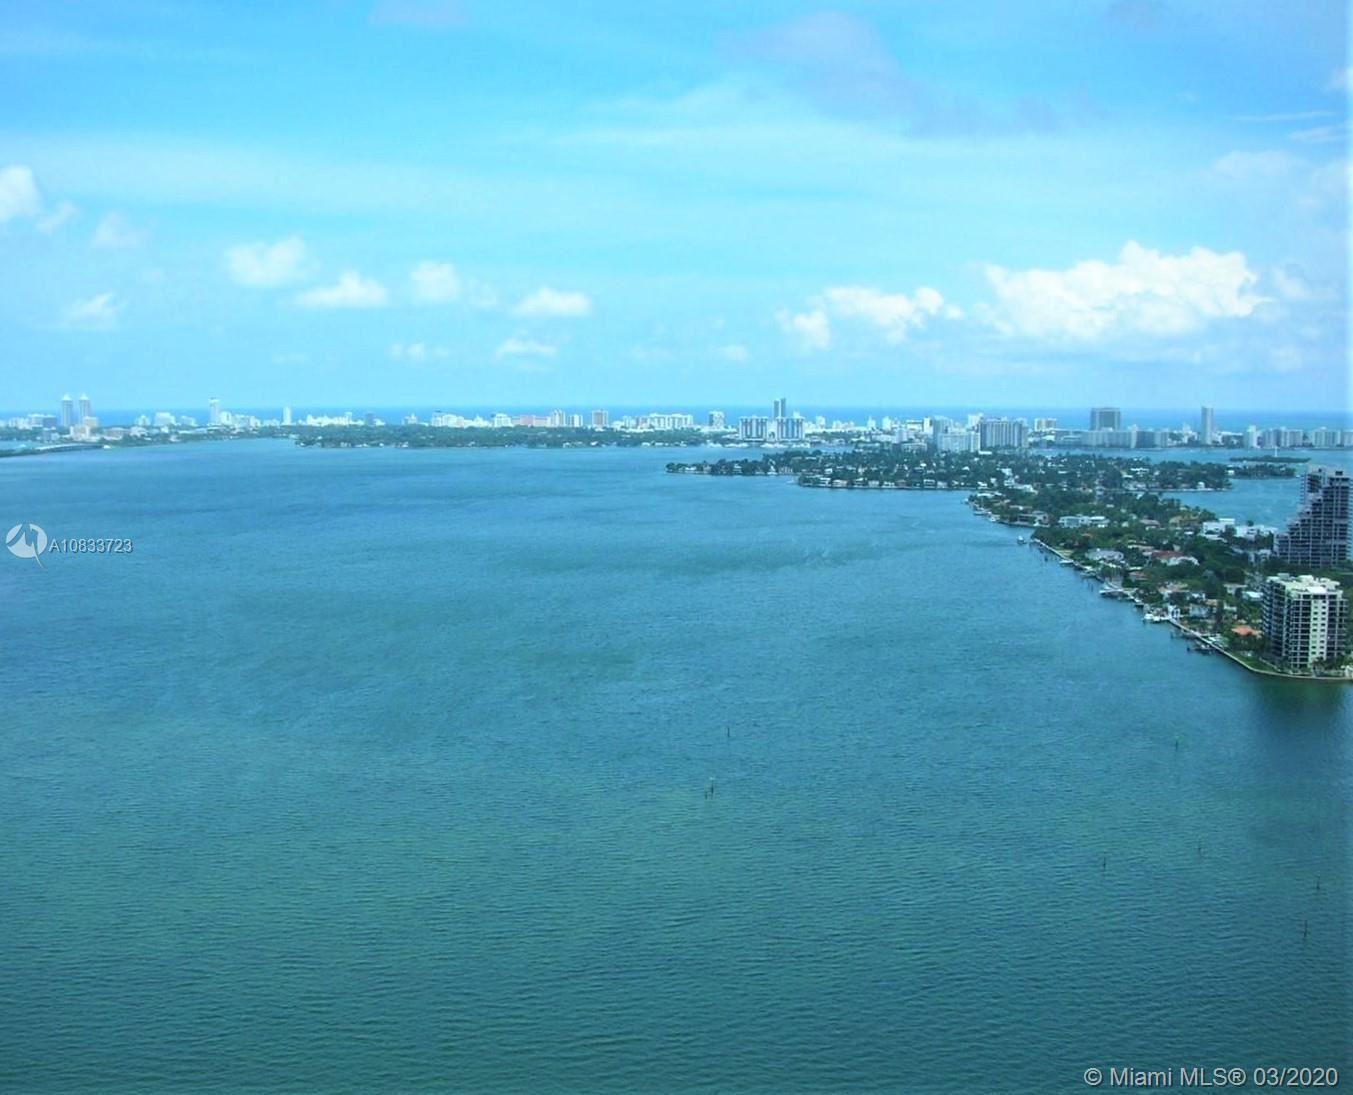 1750 N Bayshore Dr #4203, Miami, FL 33132 - #: A10833723